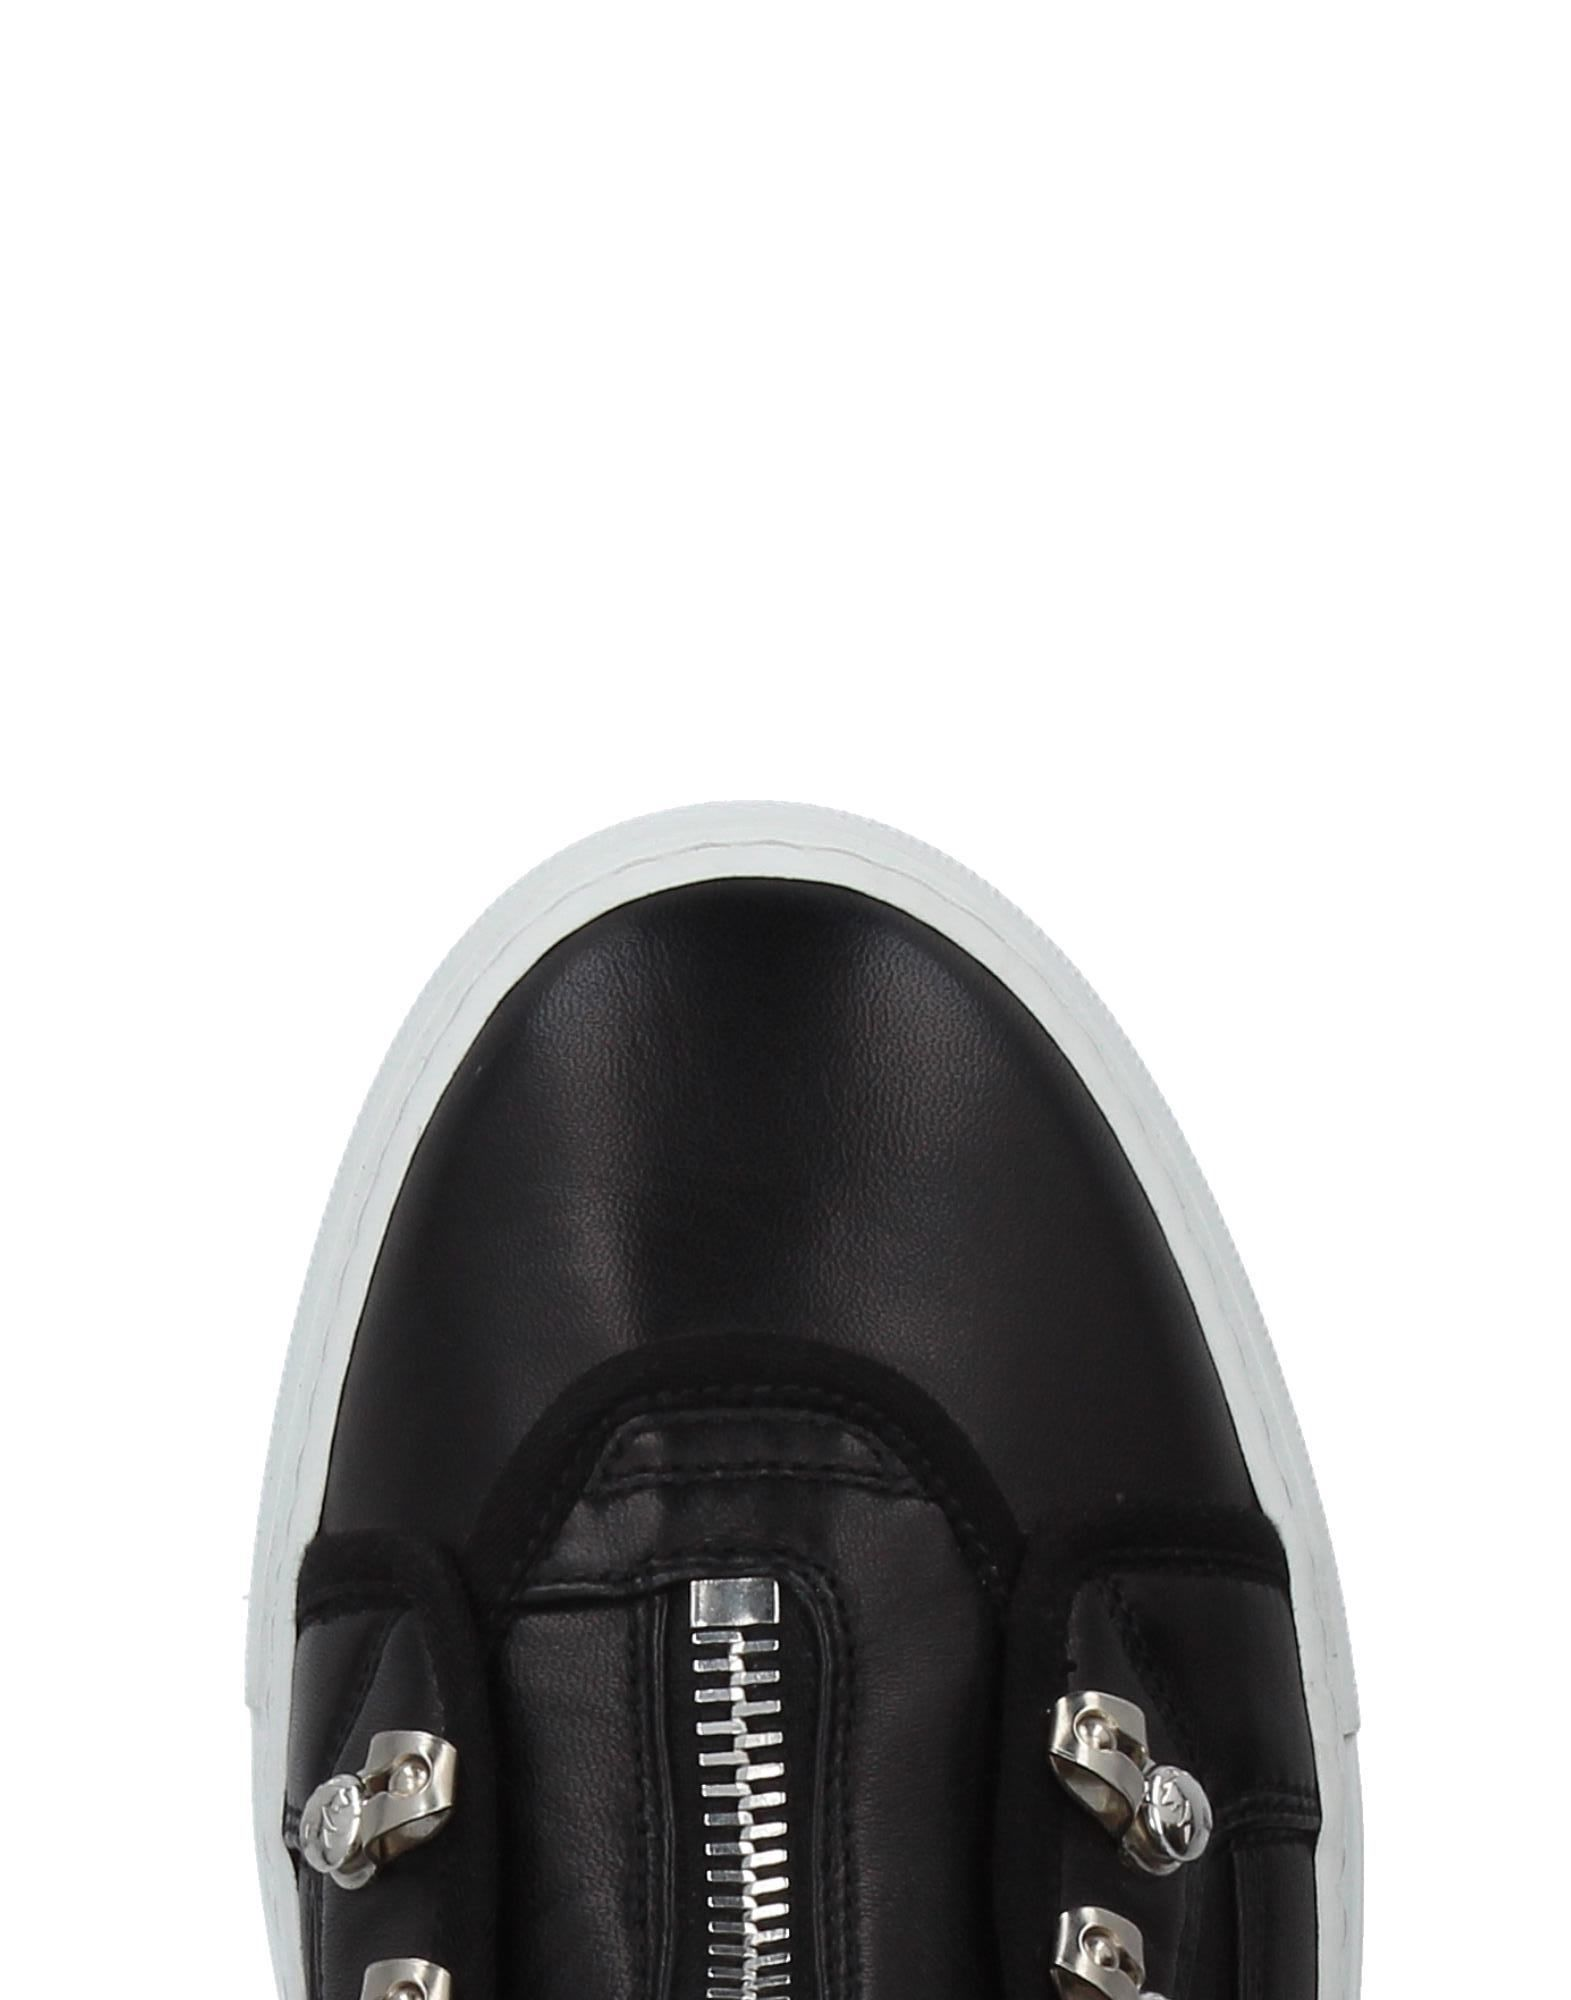 Dsquared2 Sneakers Herren beliebte  11409362BD Gute Qualität beliebte Herren Schuhe d69317